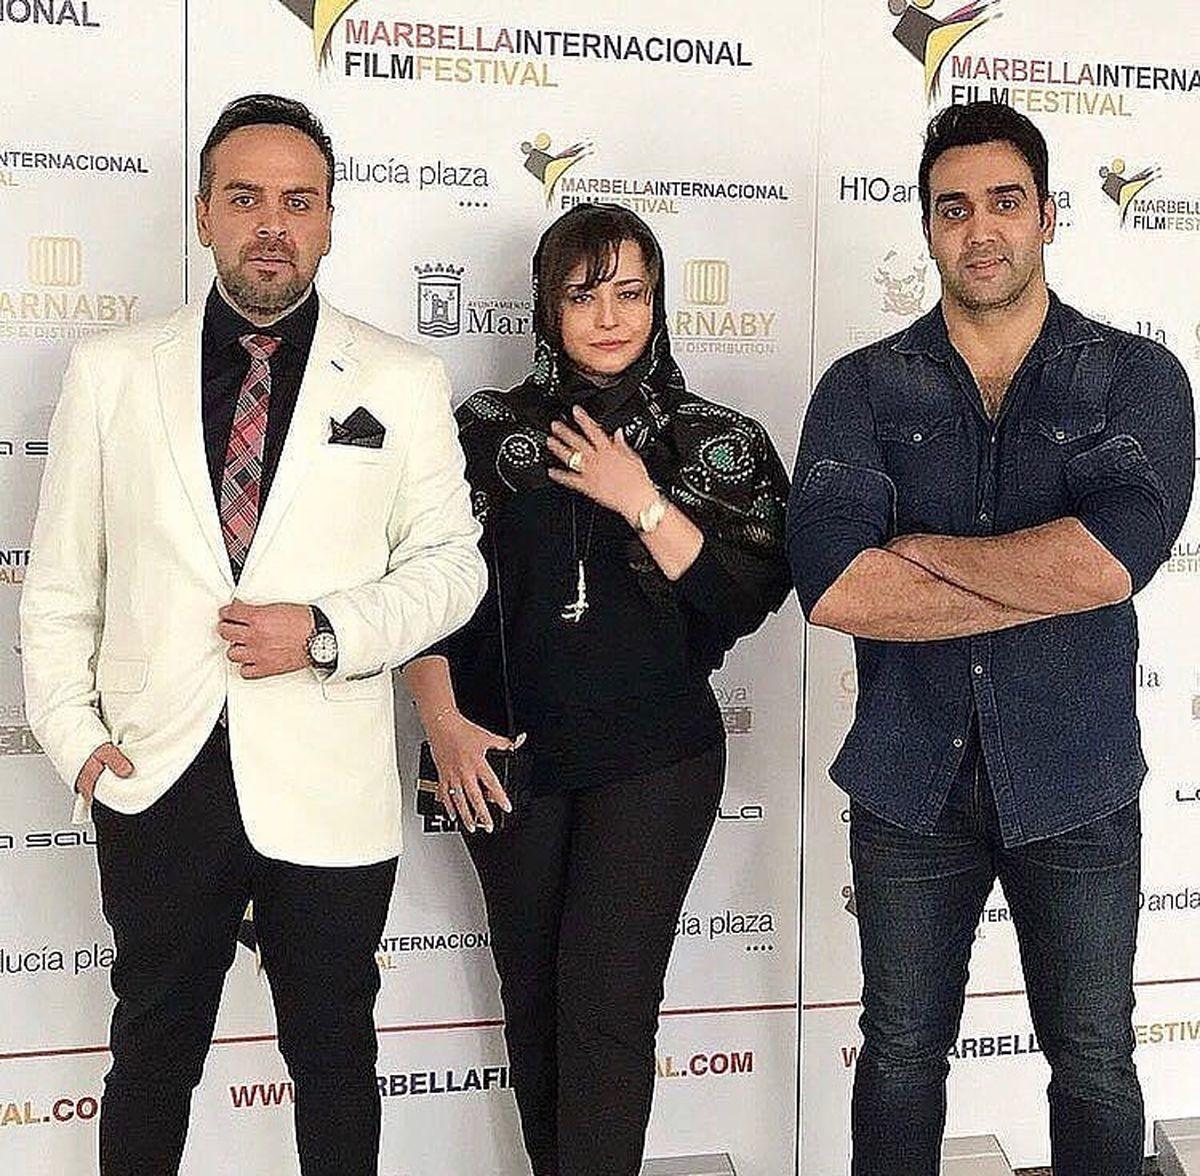 شلوار تنگ مهراوه شریفی نیا در کنار یک مرد جذاب + عکس